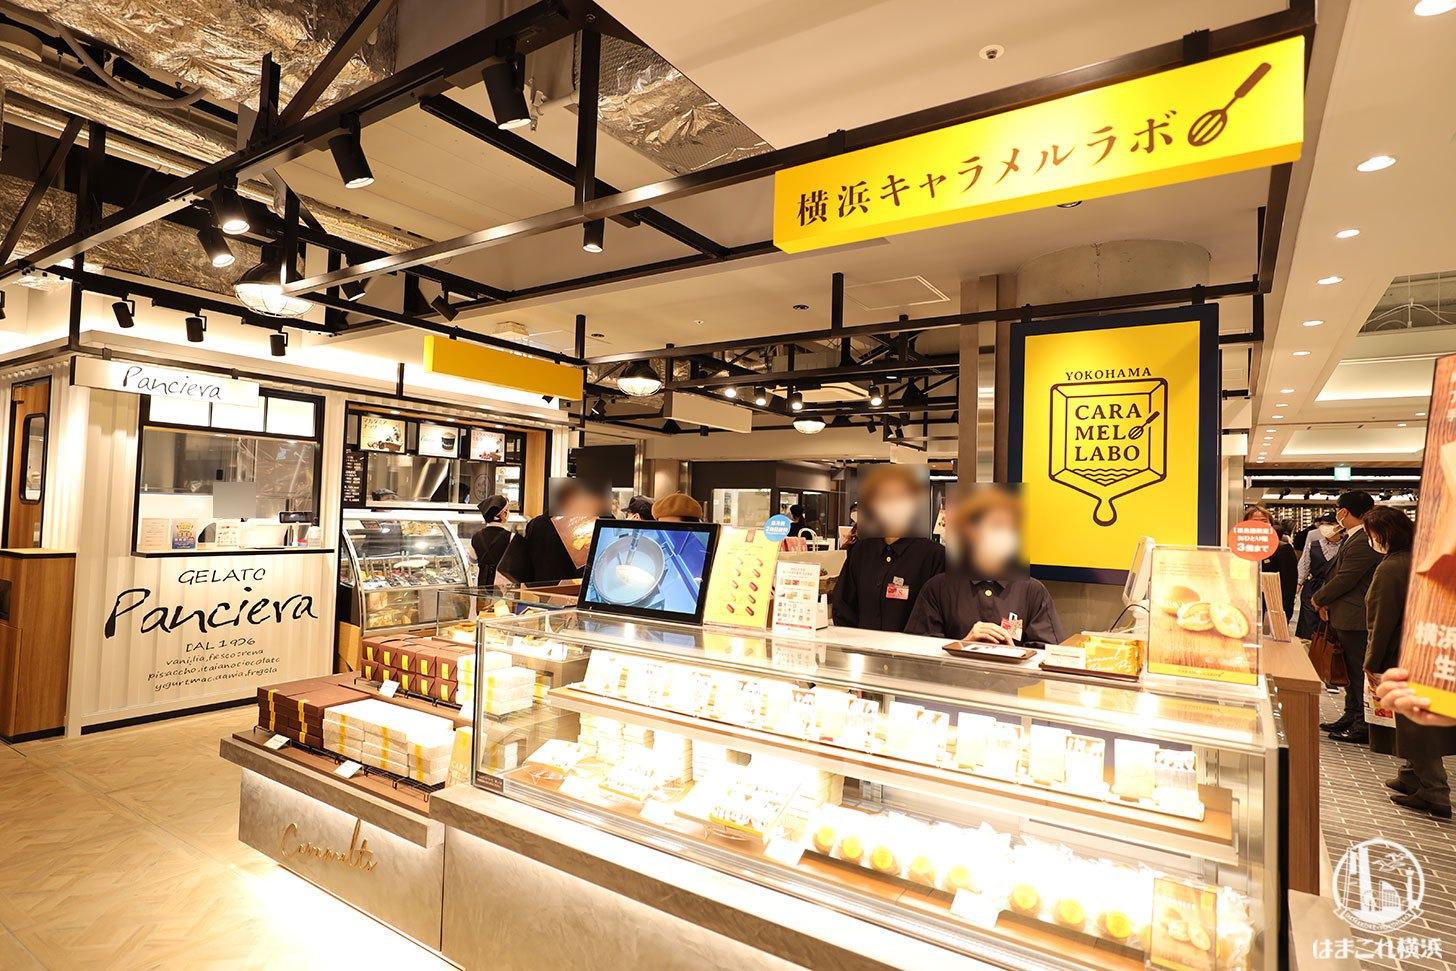 生キャラメル専門店「横浜キャラメルラボ」横浜高島屋に常設店!フーディーズポート2